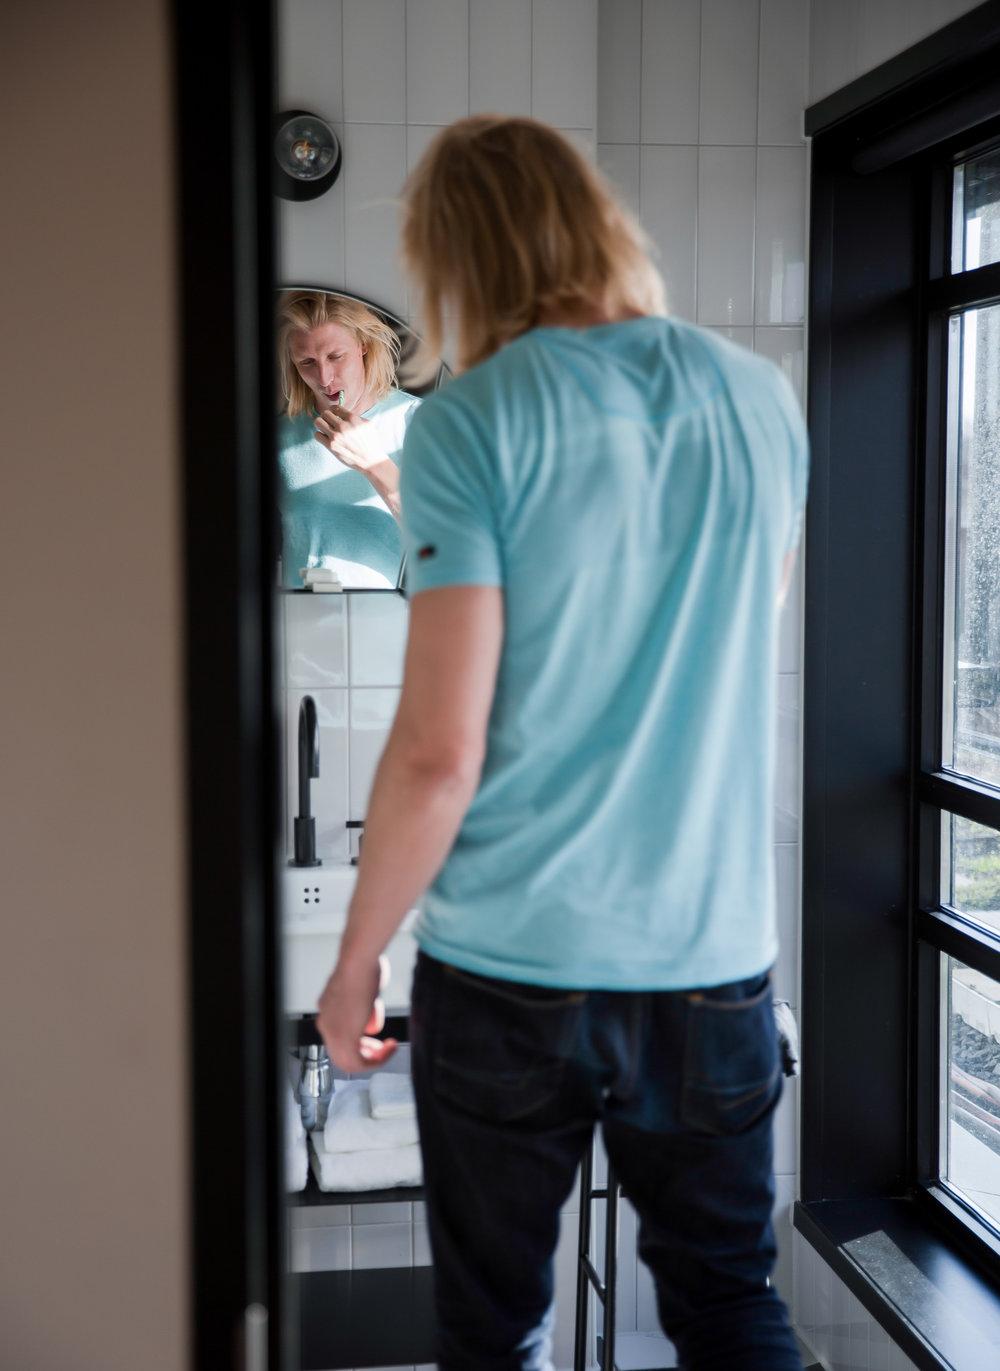 marina_notrima_hotel_v_amsterdam_13.jpg